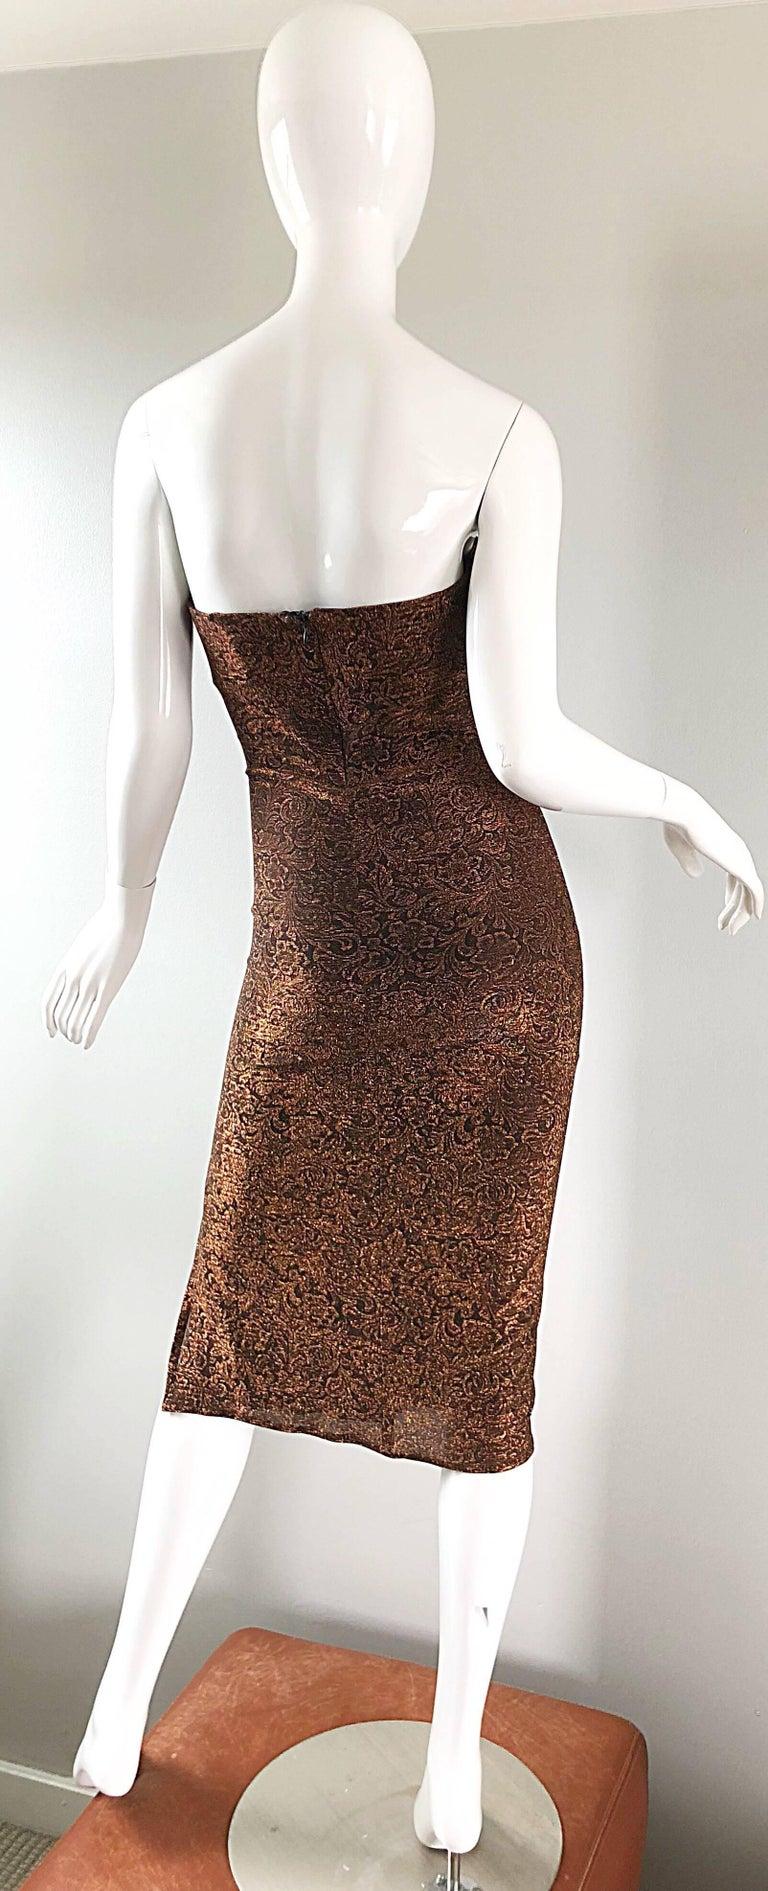 1990s Eletra Casadei Sexy Metallic Bronze / Gold Bodycon Convertible Strap Dress For Sale 5